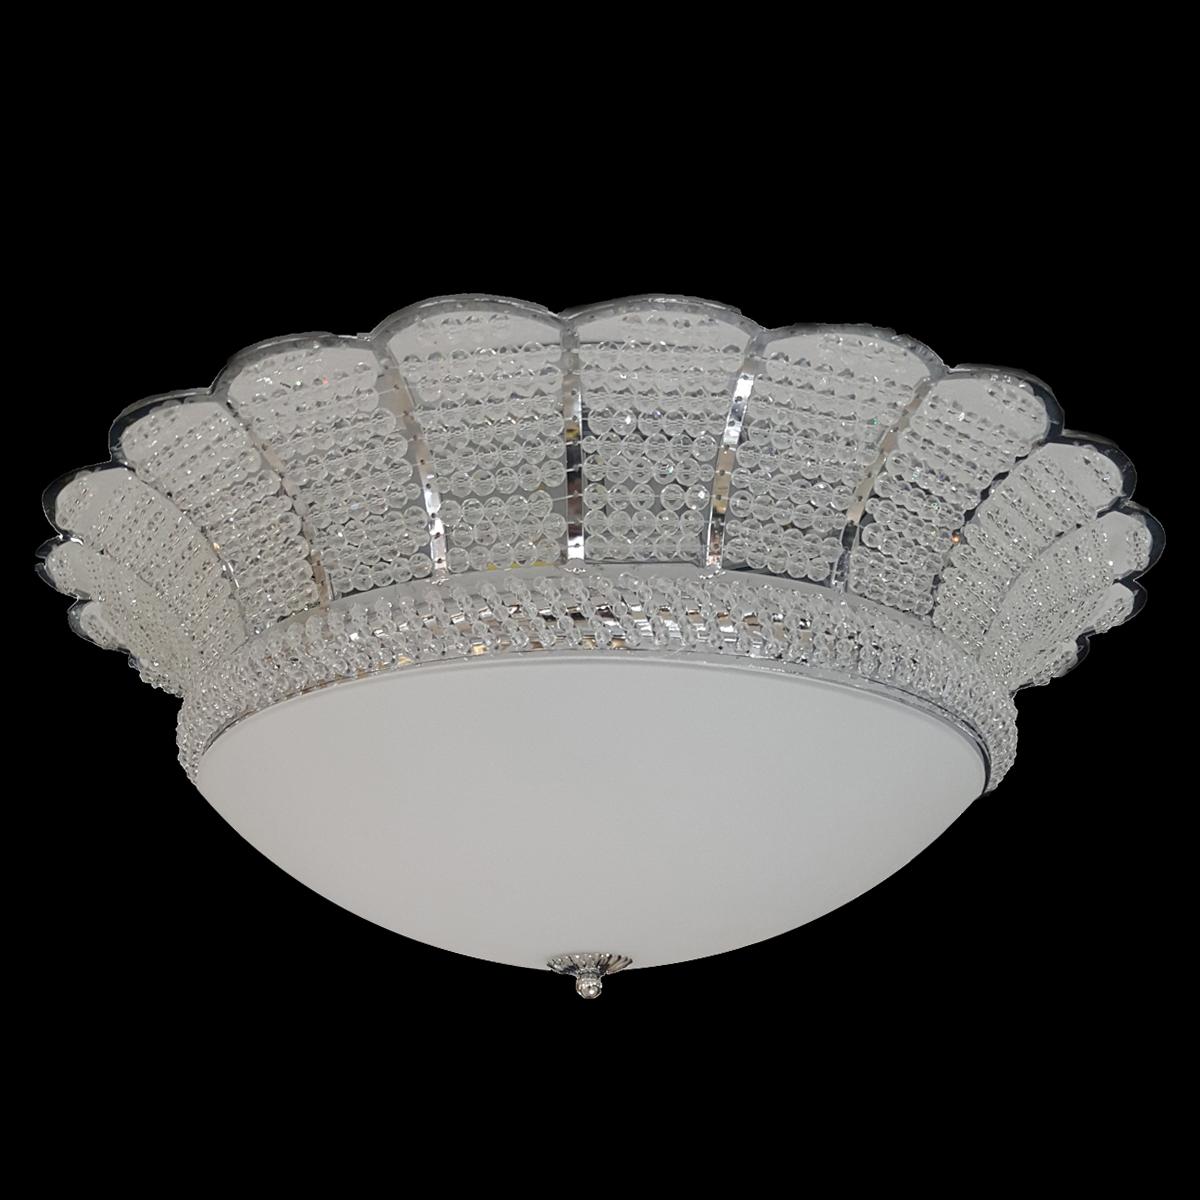 Tyne 550 Chrome Ceiling Light - CTCTYN06550CH